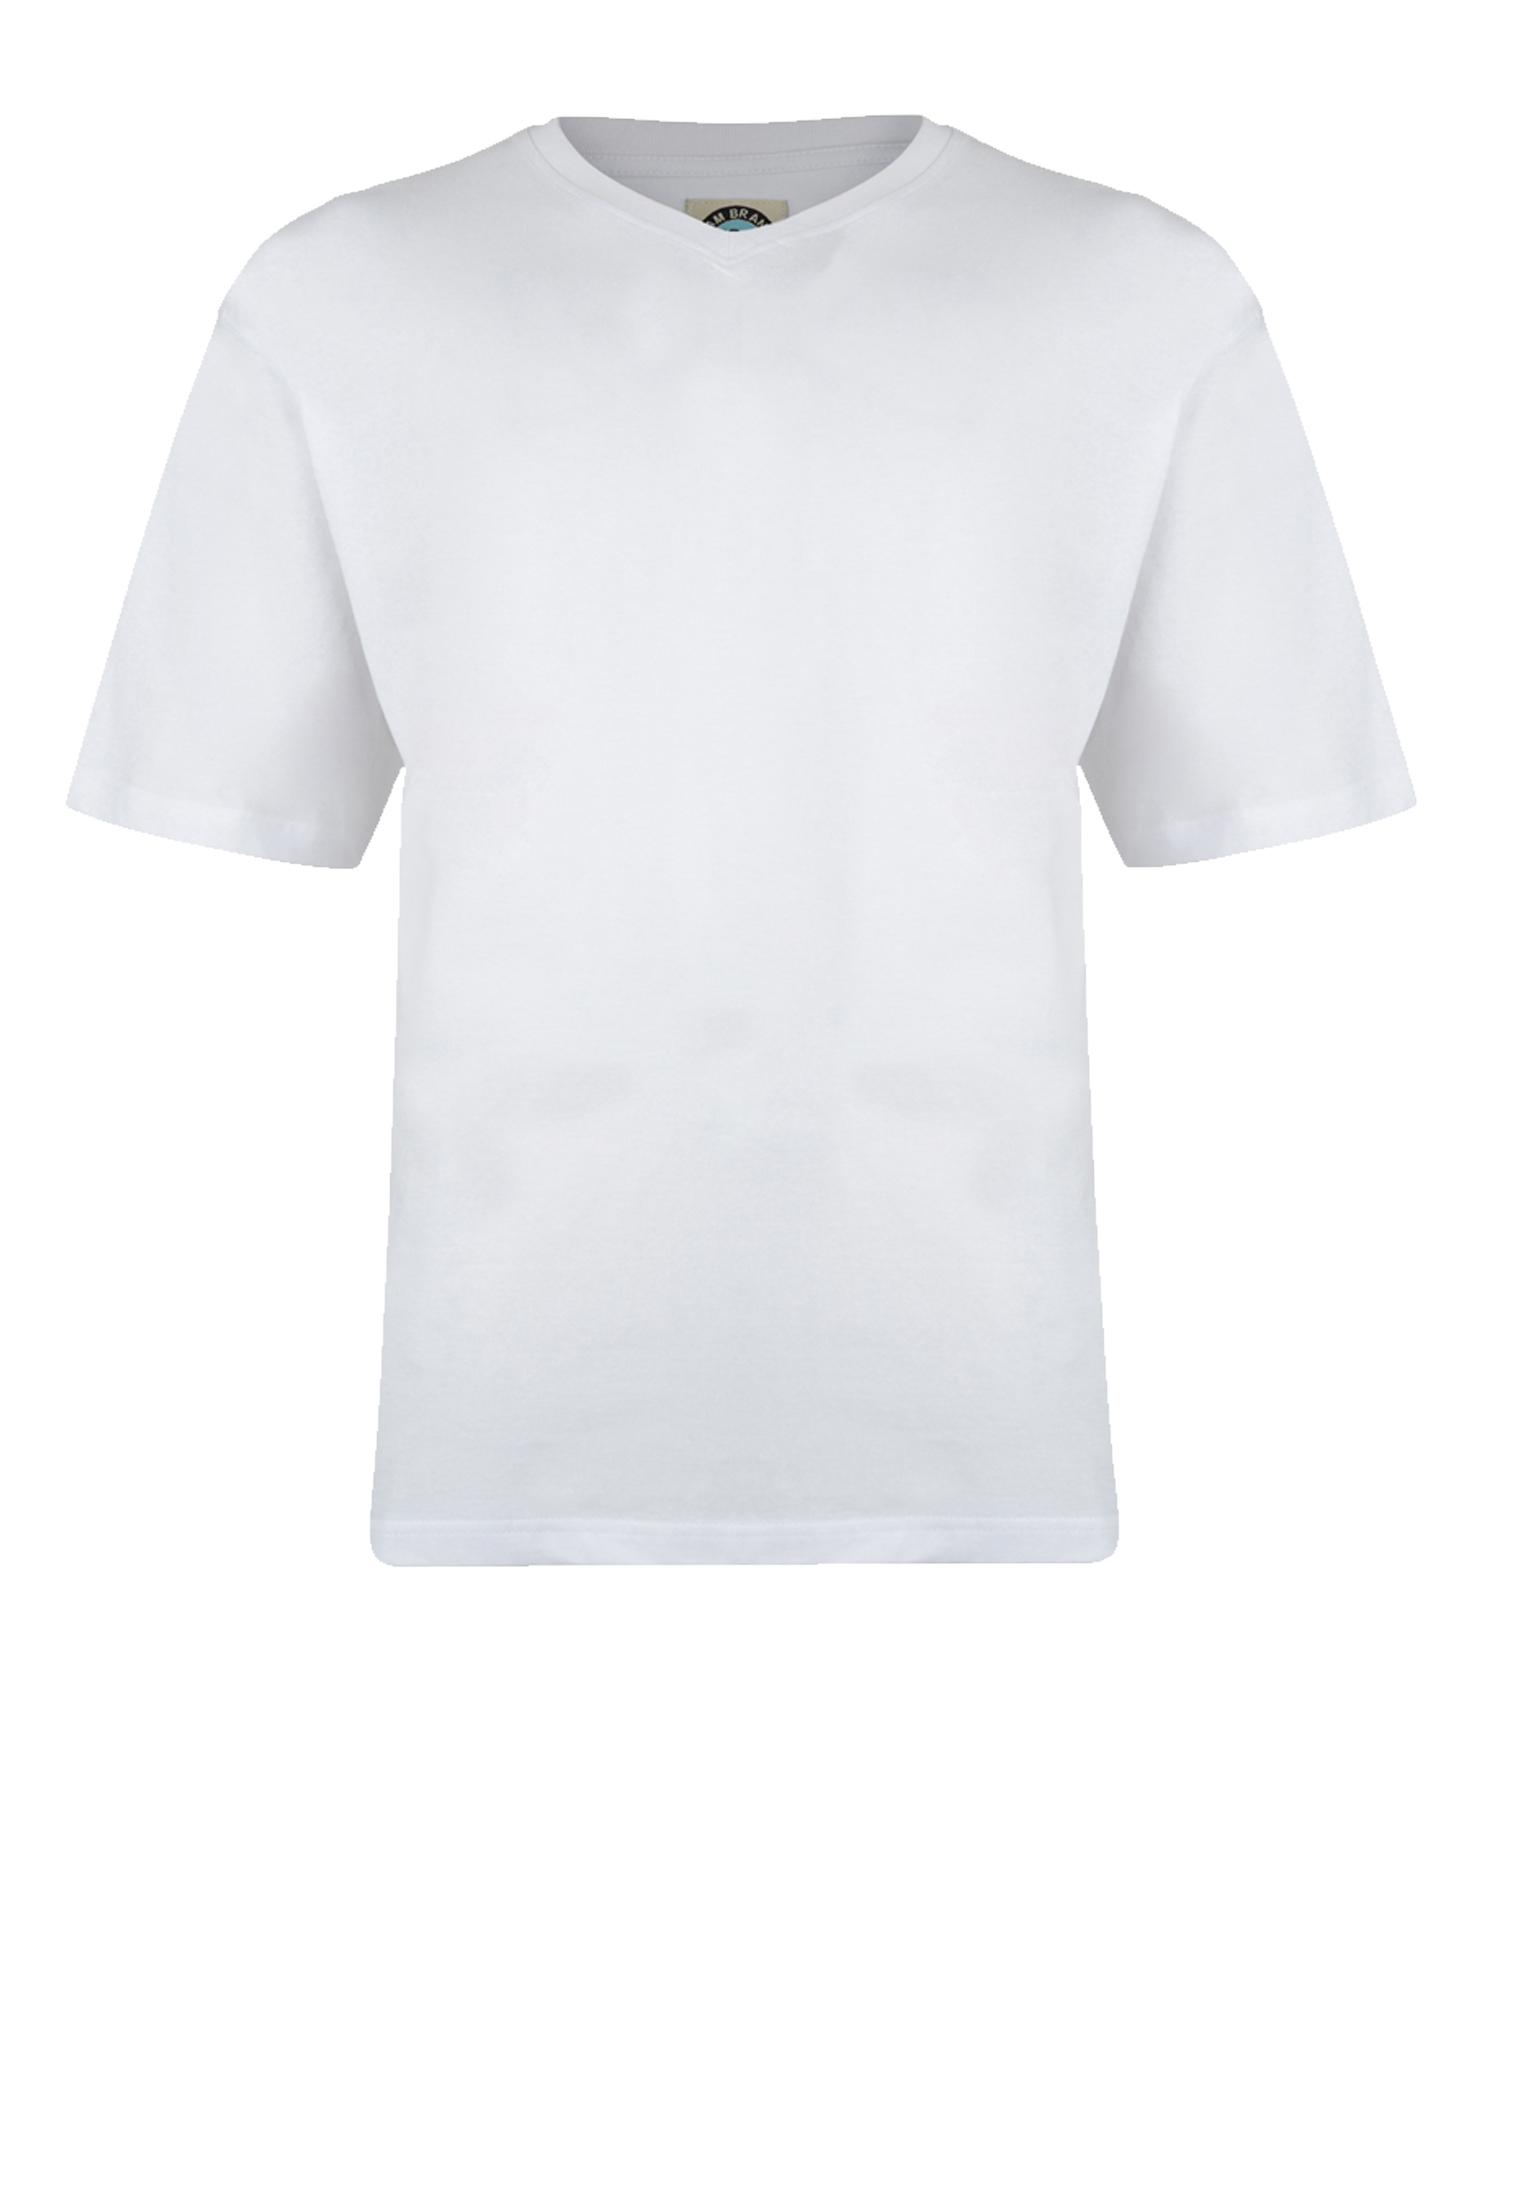 T-shirts van KAM JEANSWEAR met V hals in de kleur wit. Gemaakt van zacht katoen voor optimaal draagcomfort.